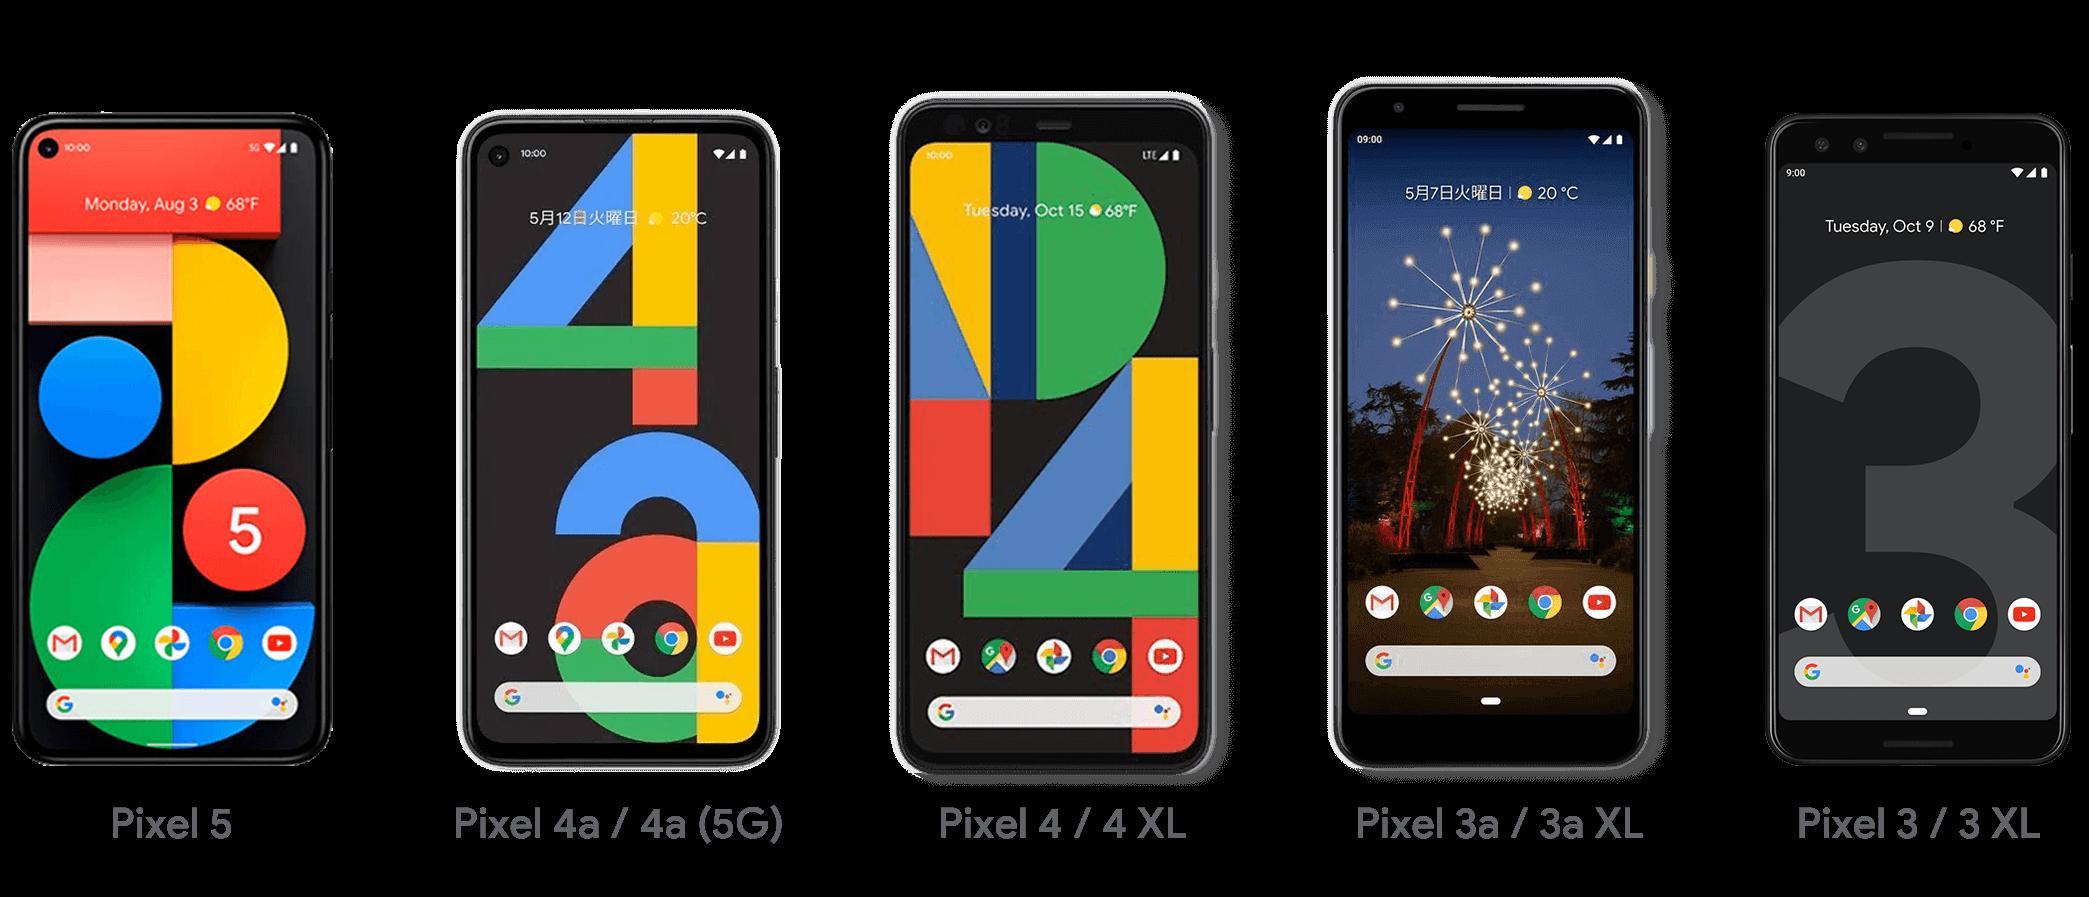 Google Pixelの修理をするなら認定修理店へ|純正部品と技術力で安心の品質